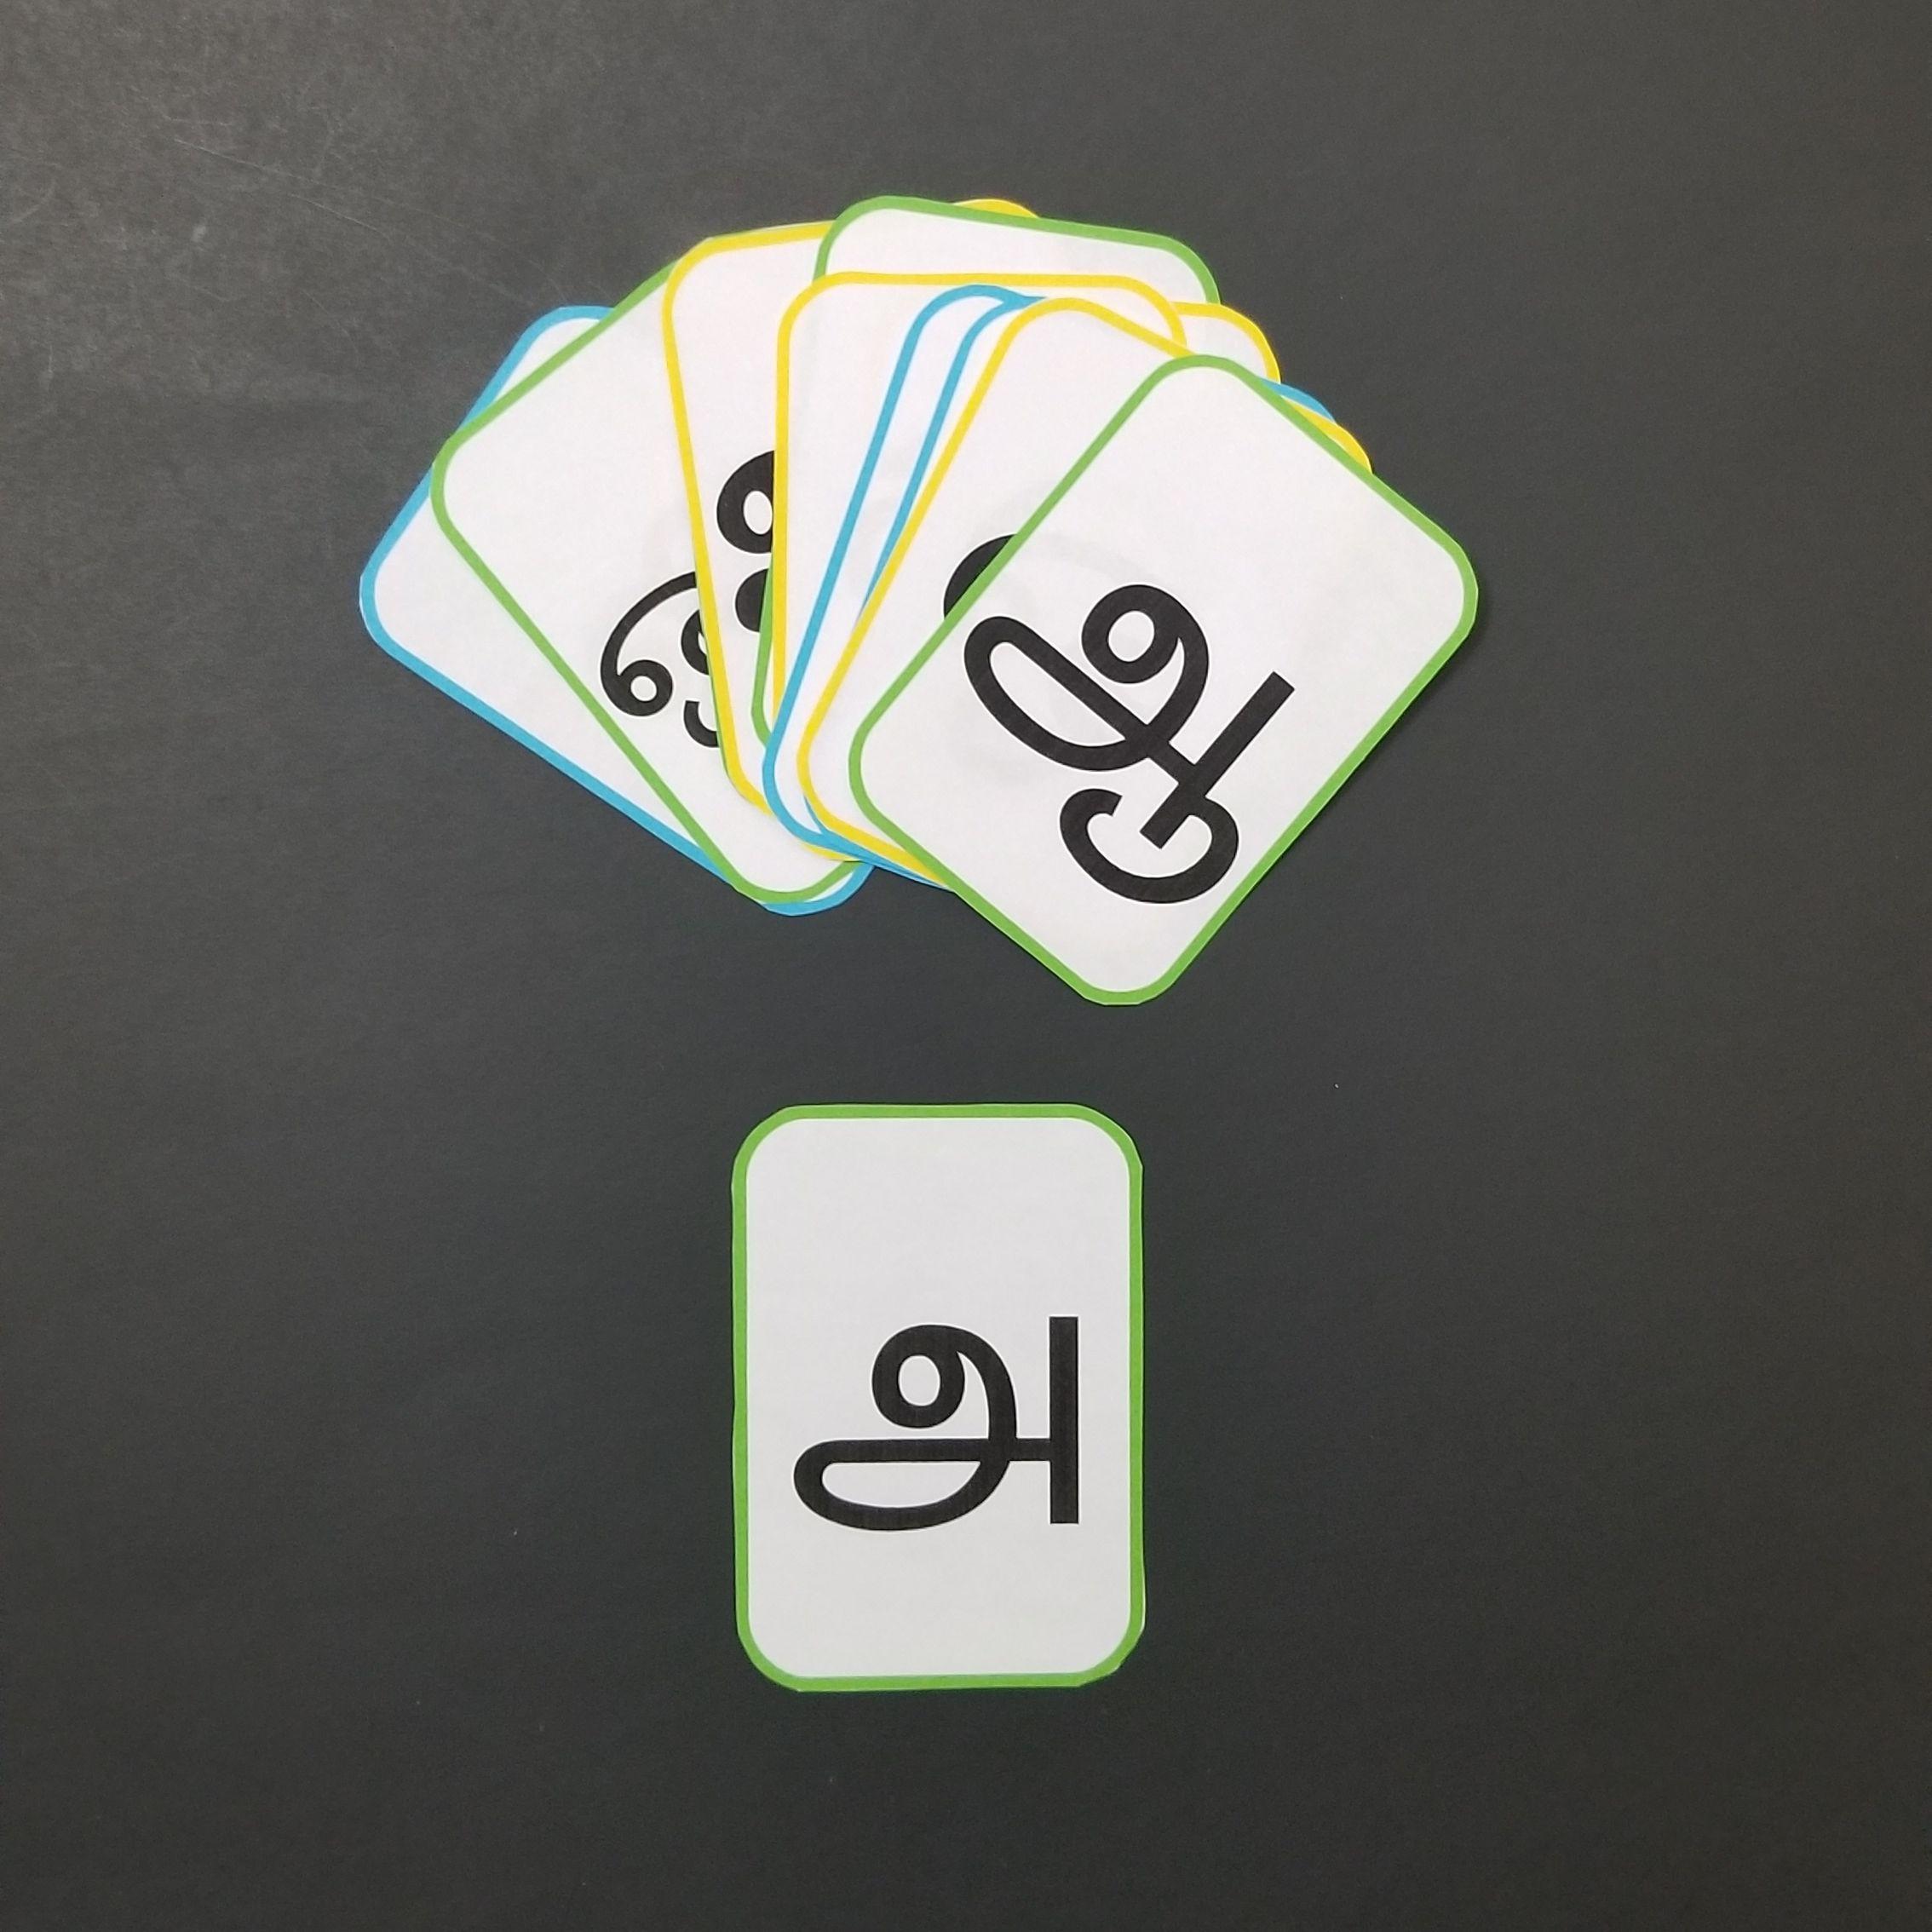 Free Printable Tamil Vowels Flash Cards